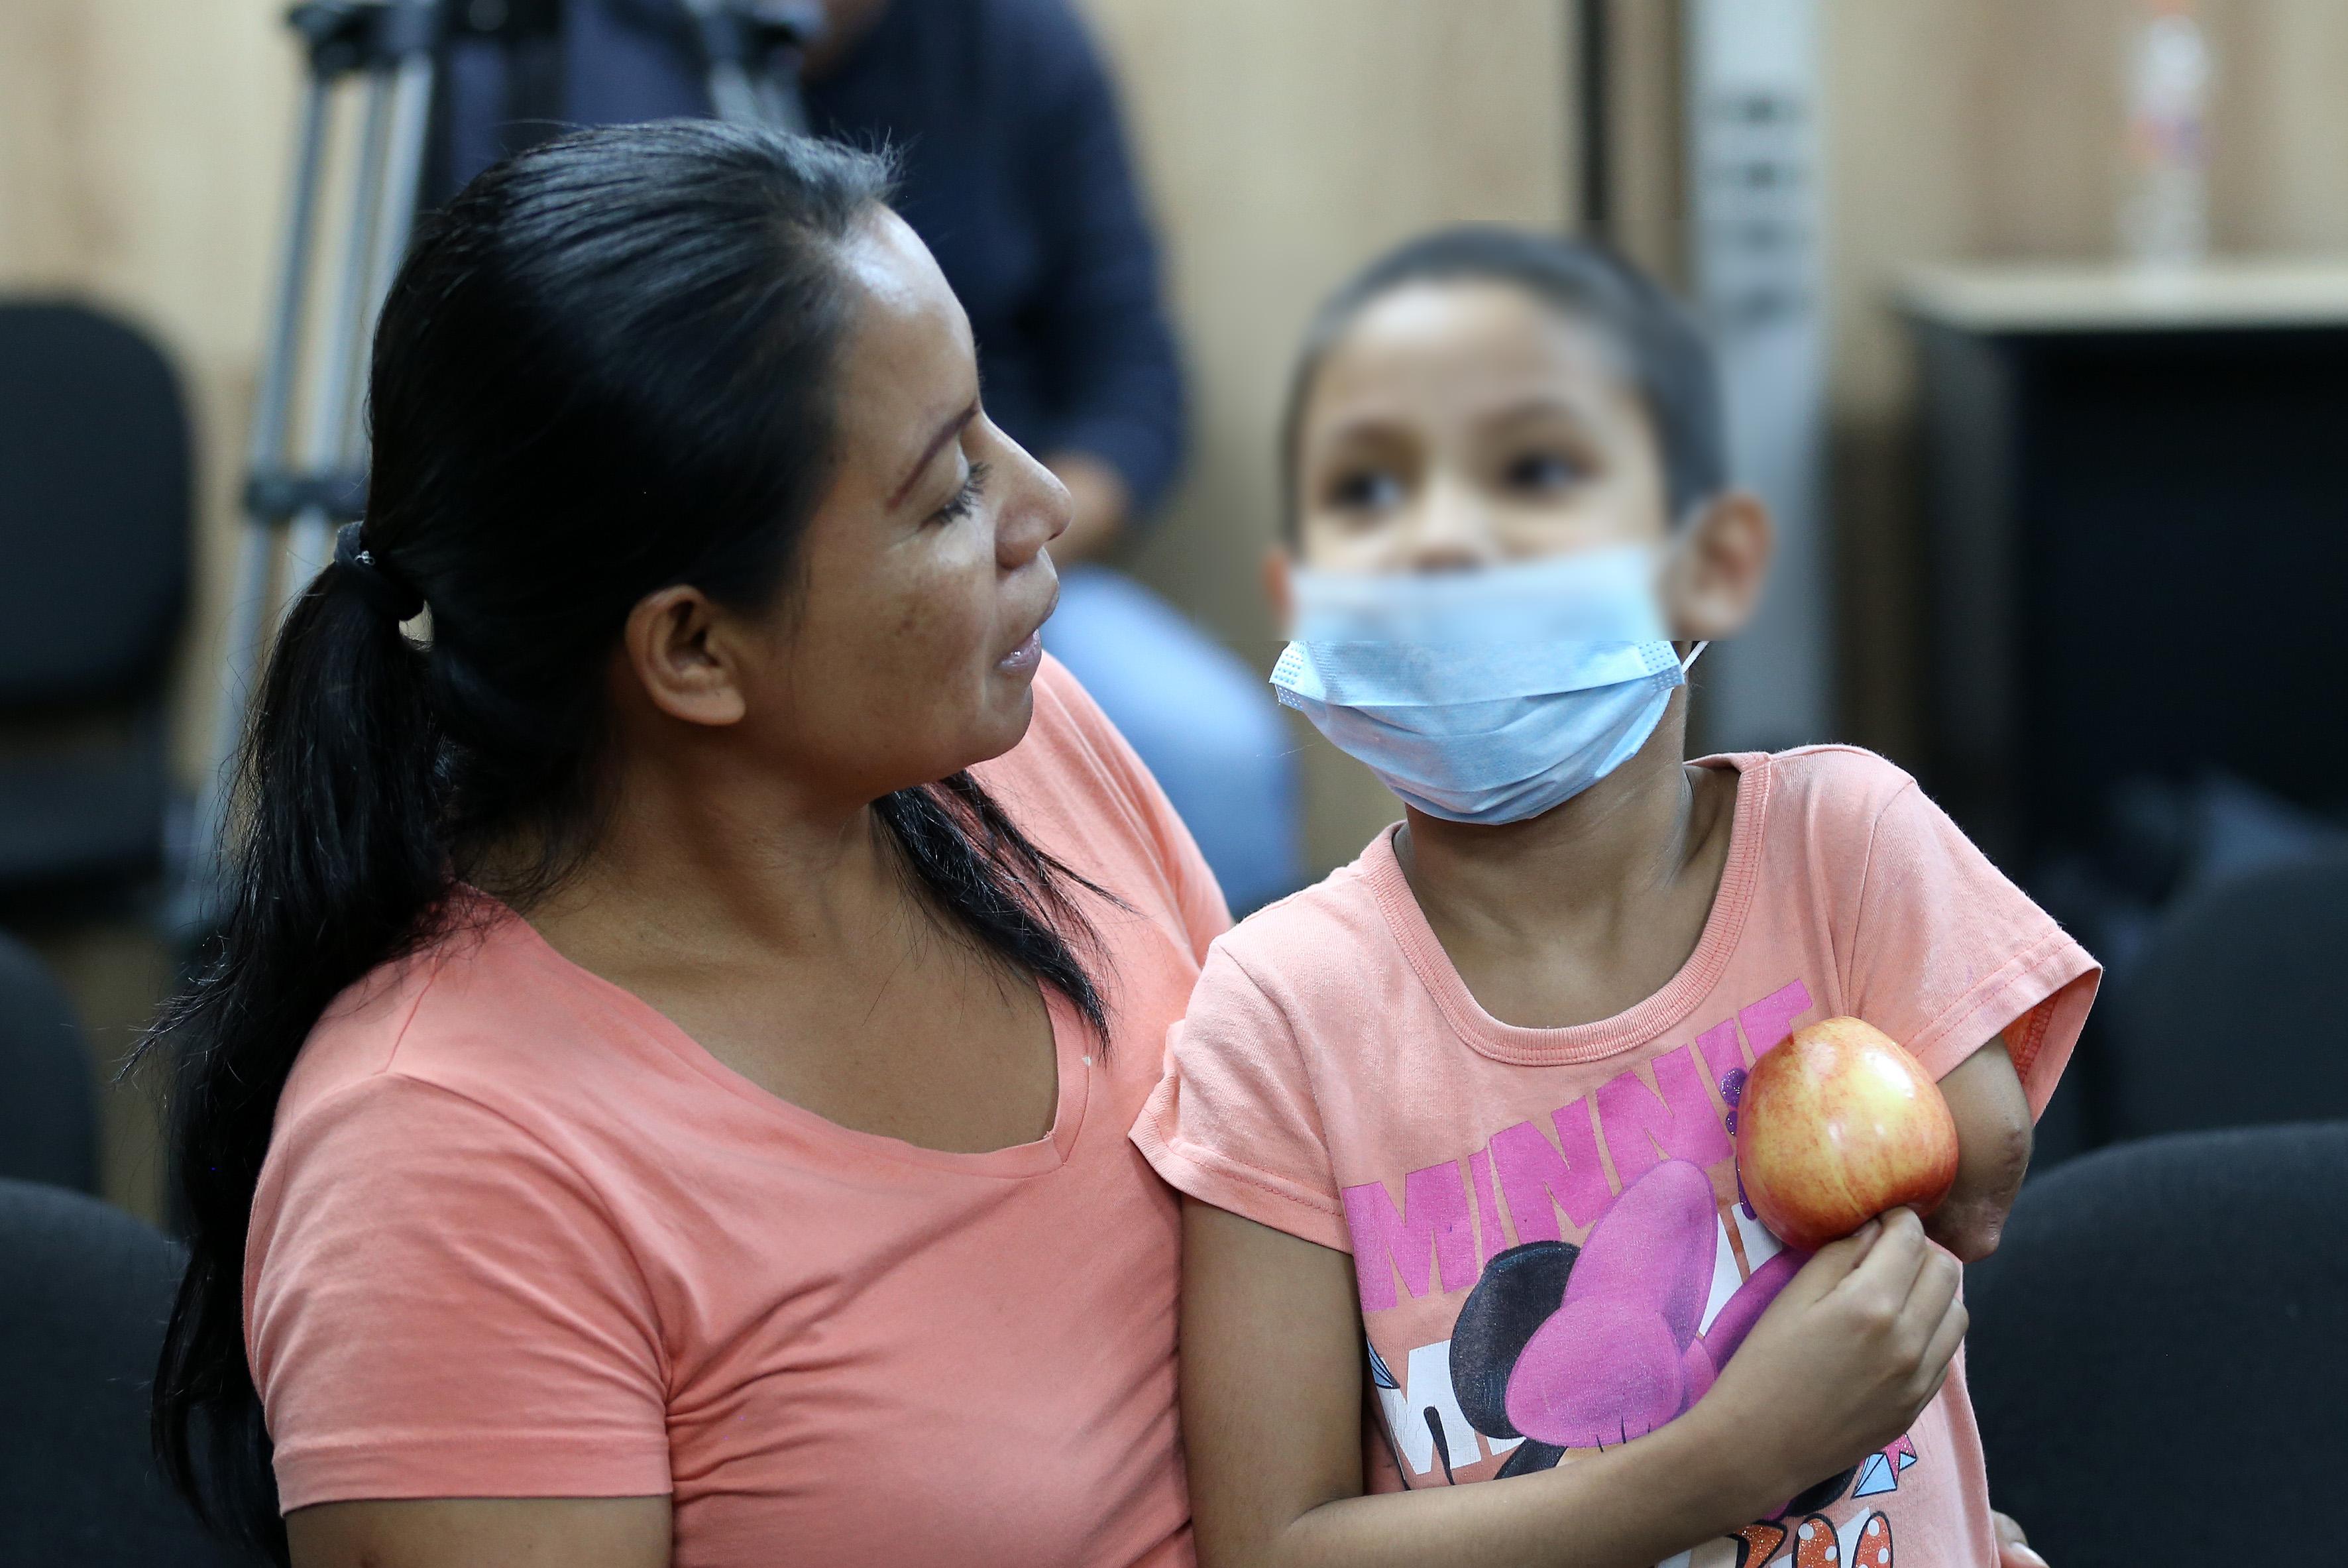 Mamá abrazando a su hija con cáncer, ella con cubrebocas